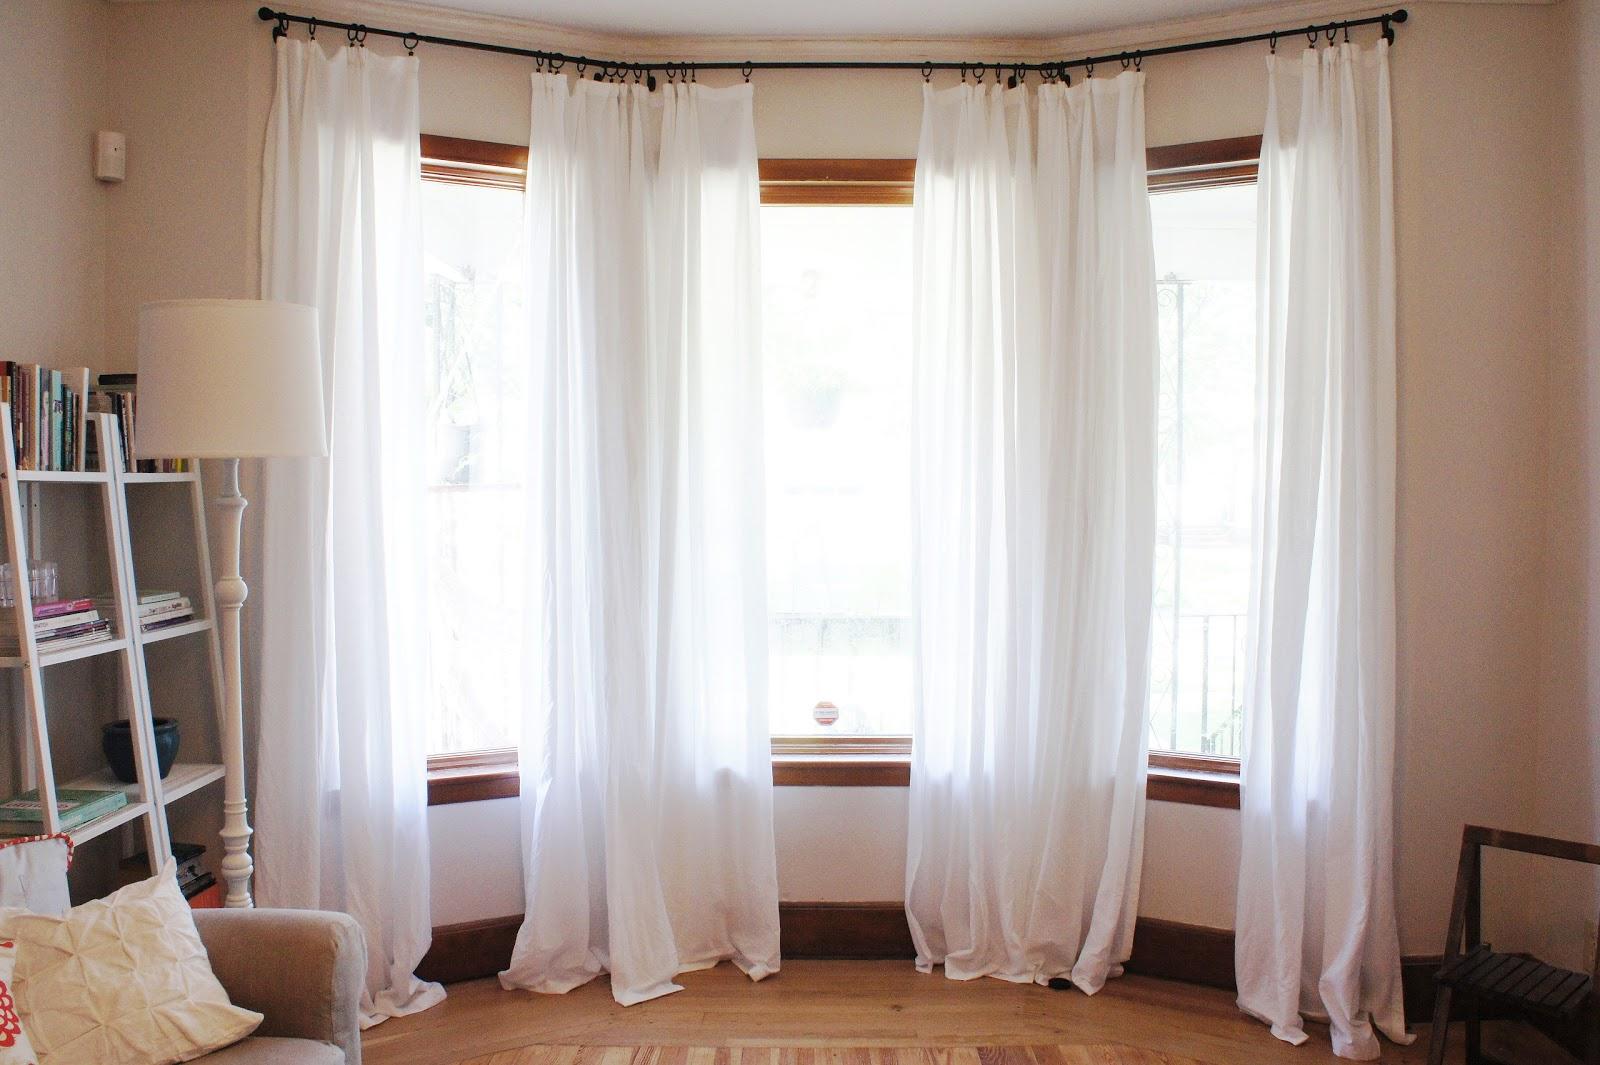 Lilikoi Vanilla Diy Pinch Pleat Curtains